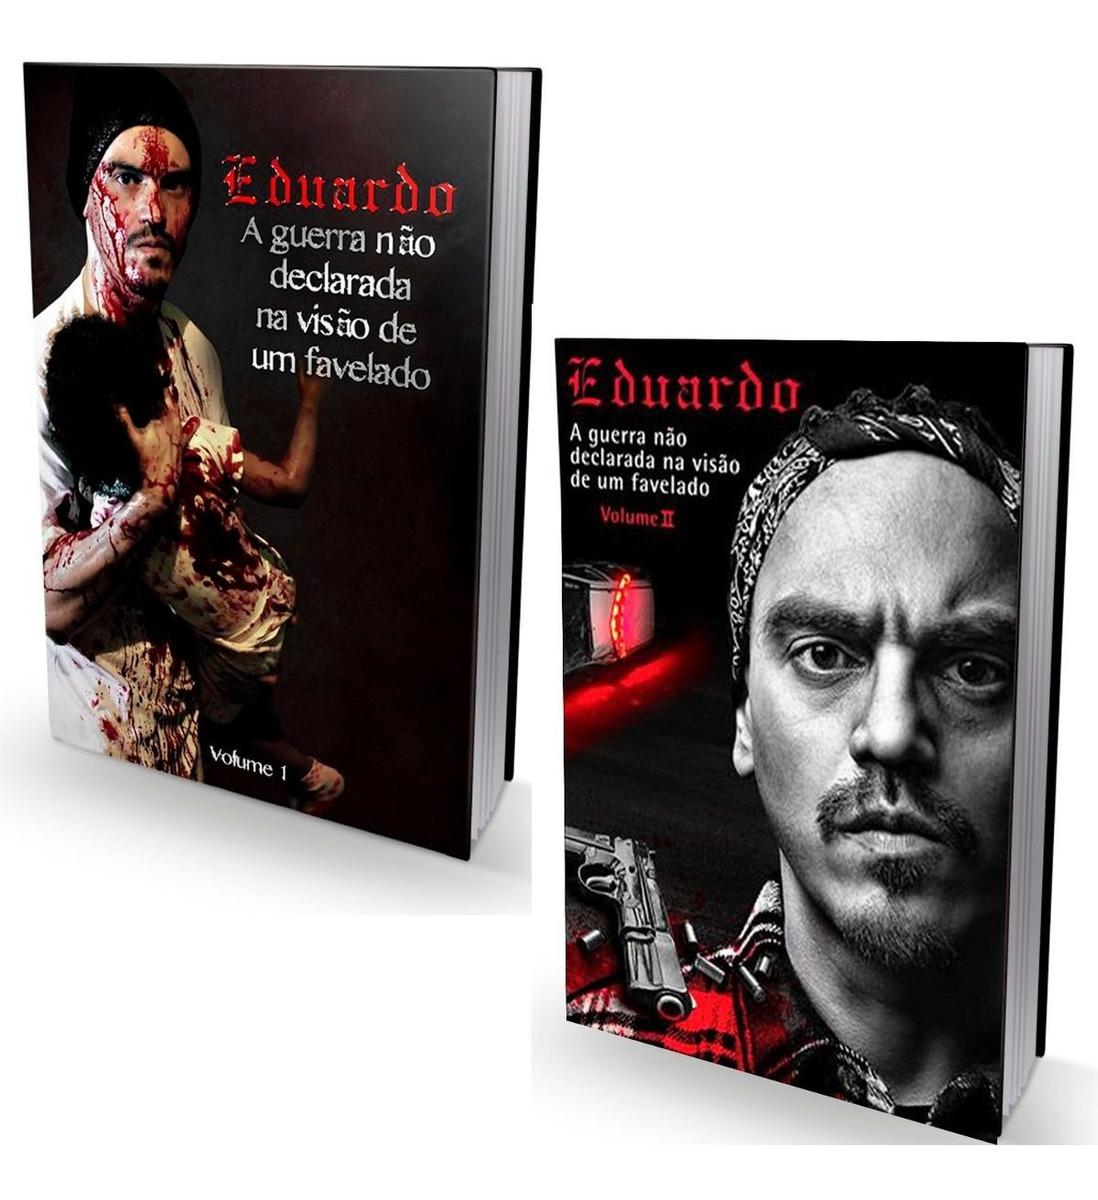 Kit Livro Eduardo Taddeo A Guerra Nao Declarada Vol 1 Vol2 R